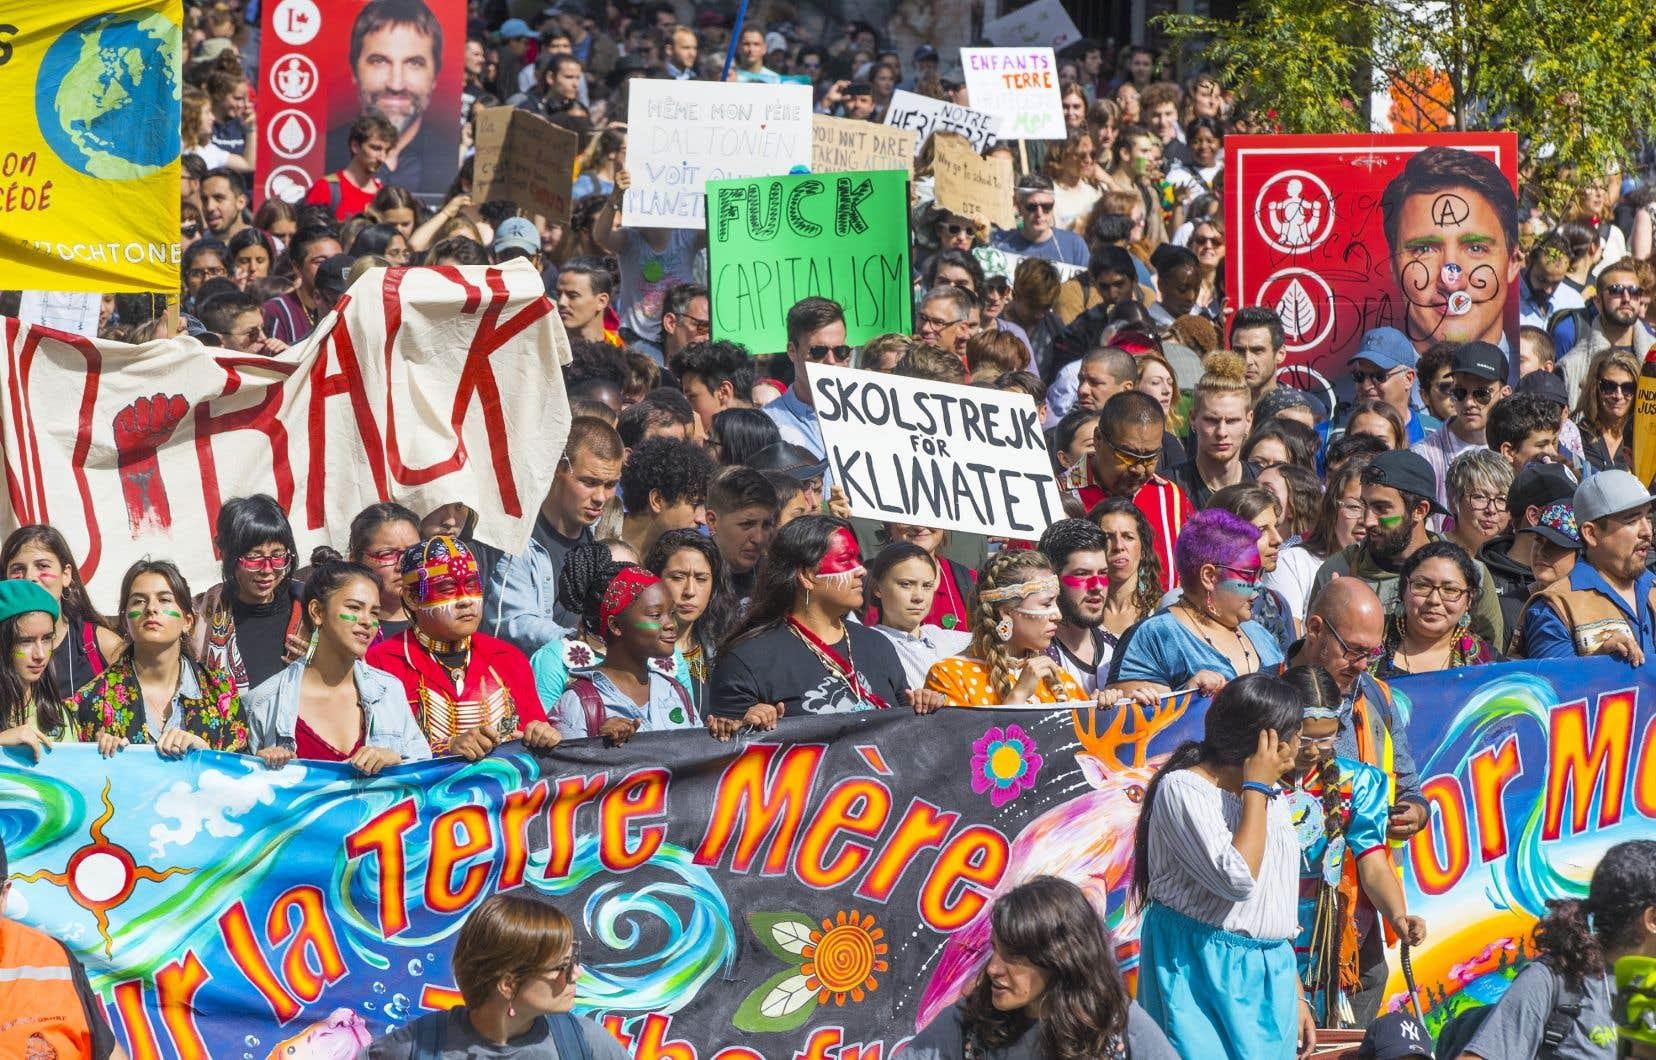 «Avec plus d'un demi-million de manifestants dans les rues de Montréal pour accueillir et applaudir Greta Thunberg l'an dernier, l'appui populaire pour ce genre d'action ne fait aucun doute», souligne l'auteur.